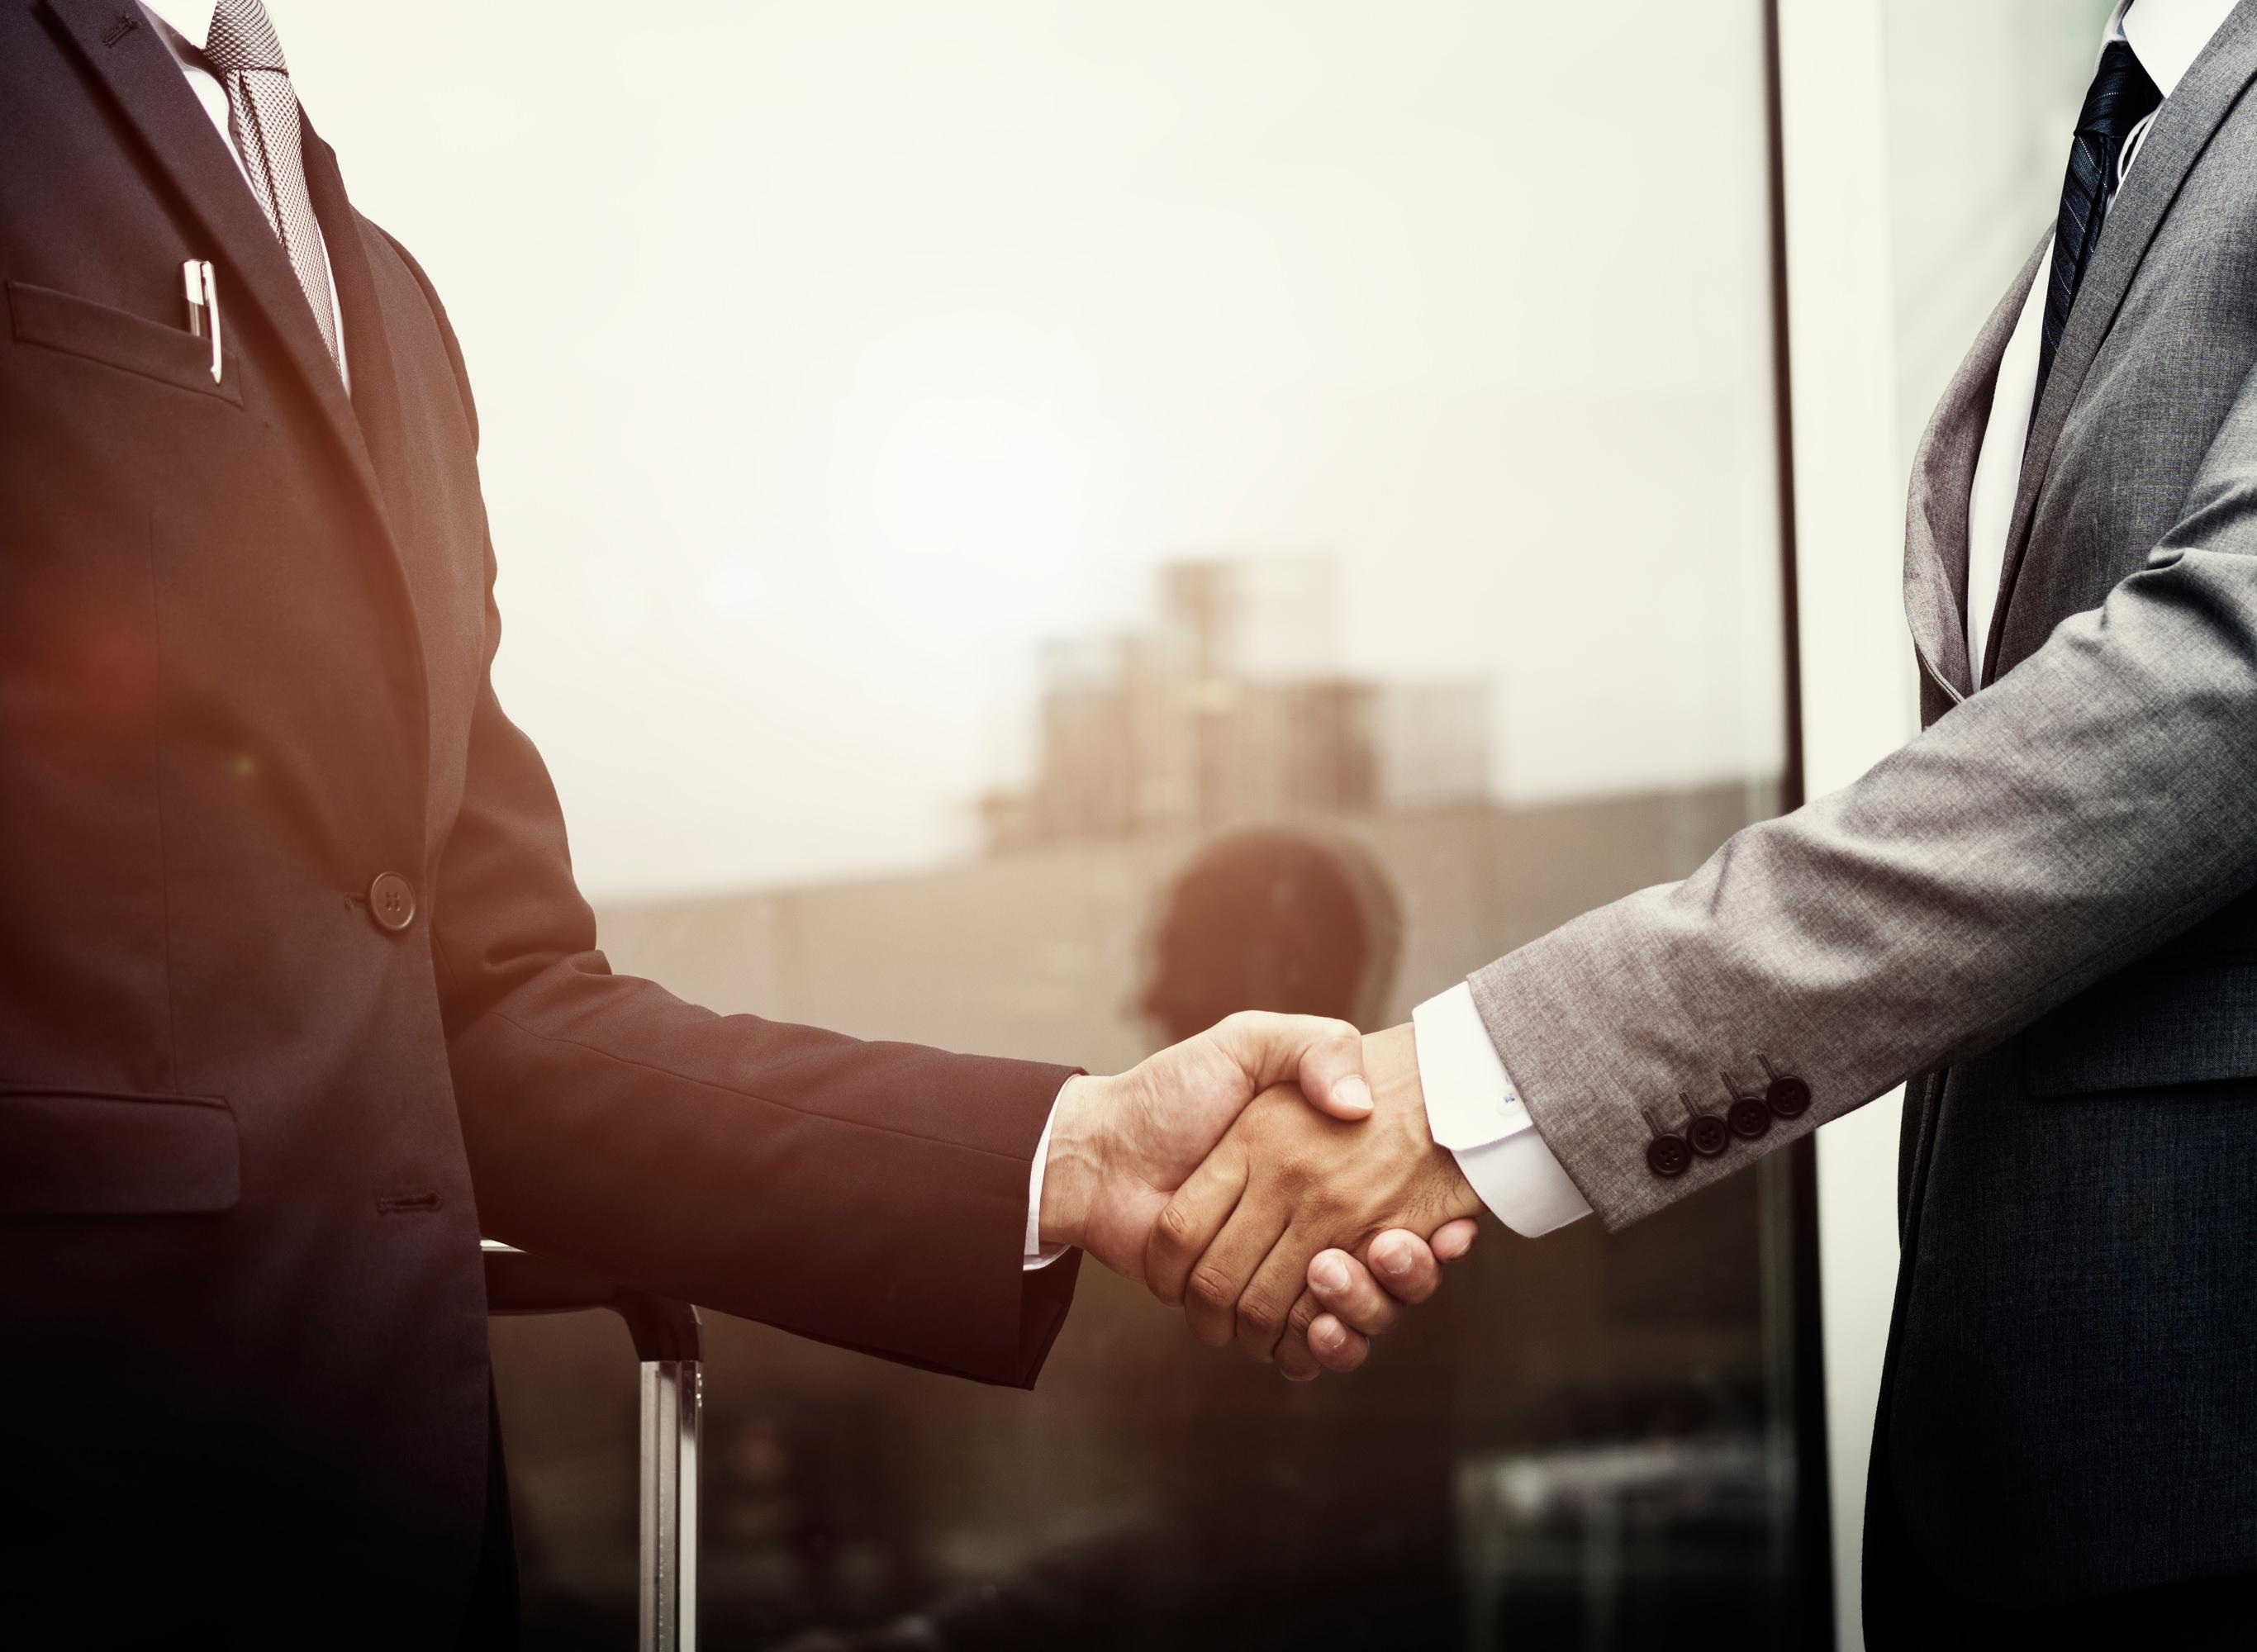 Familienunternehmen sind hoch im Kurs als attraktive Arbeitgeber